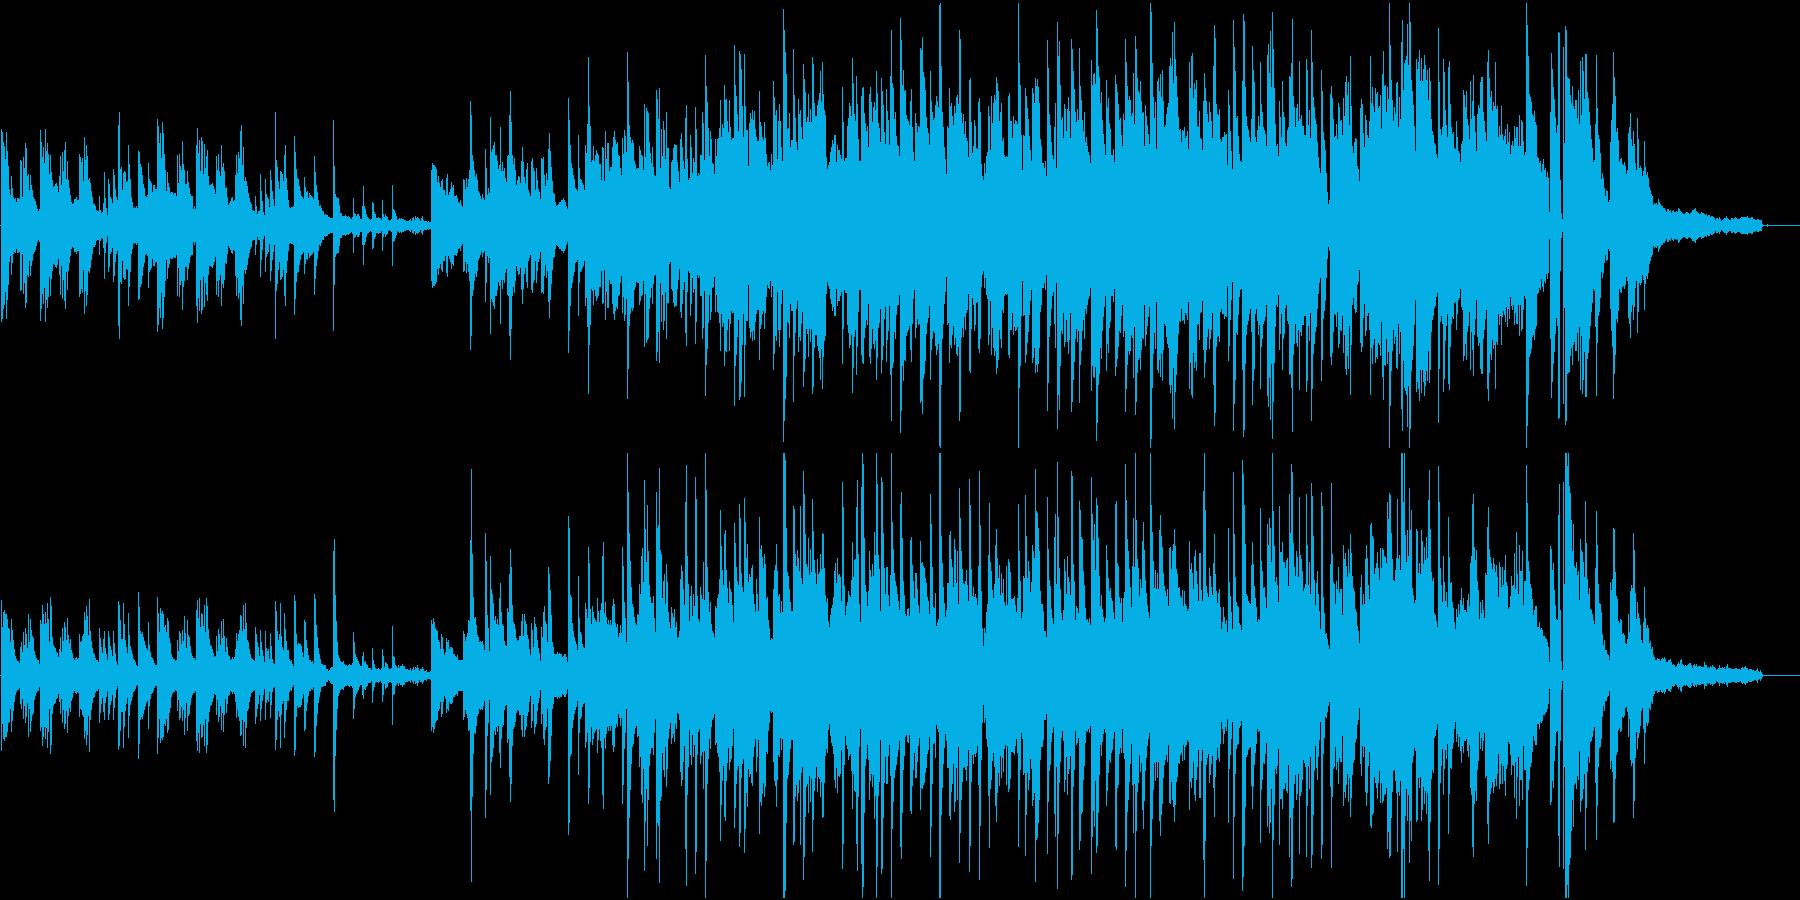 高音が澄み切ったピアノソロ楽曲の再生済みの波形